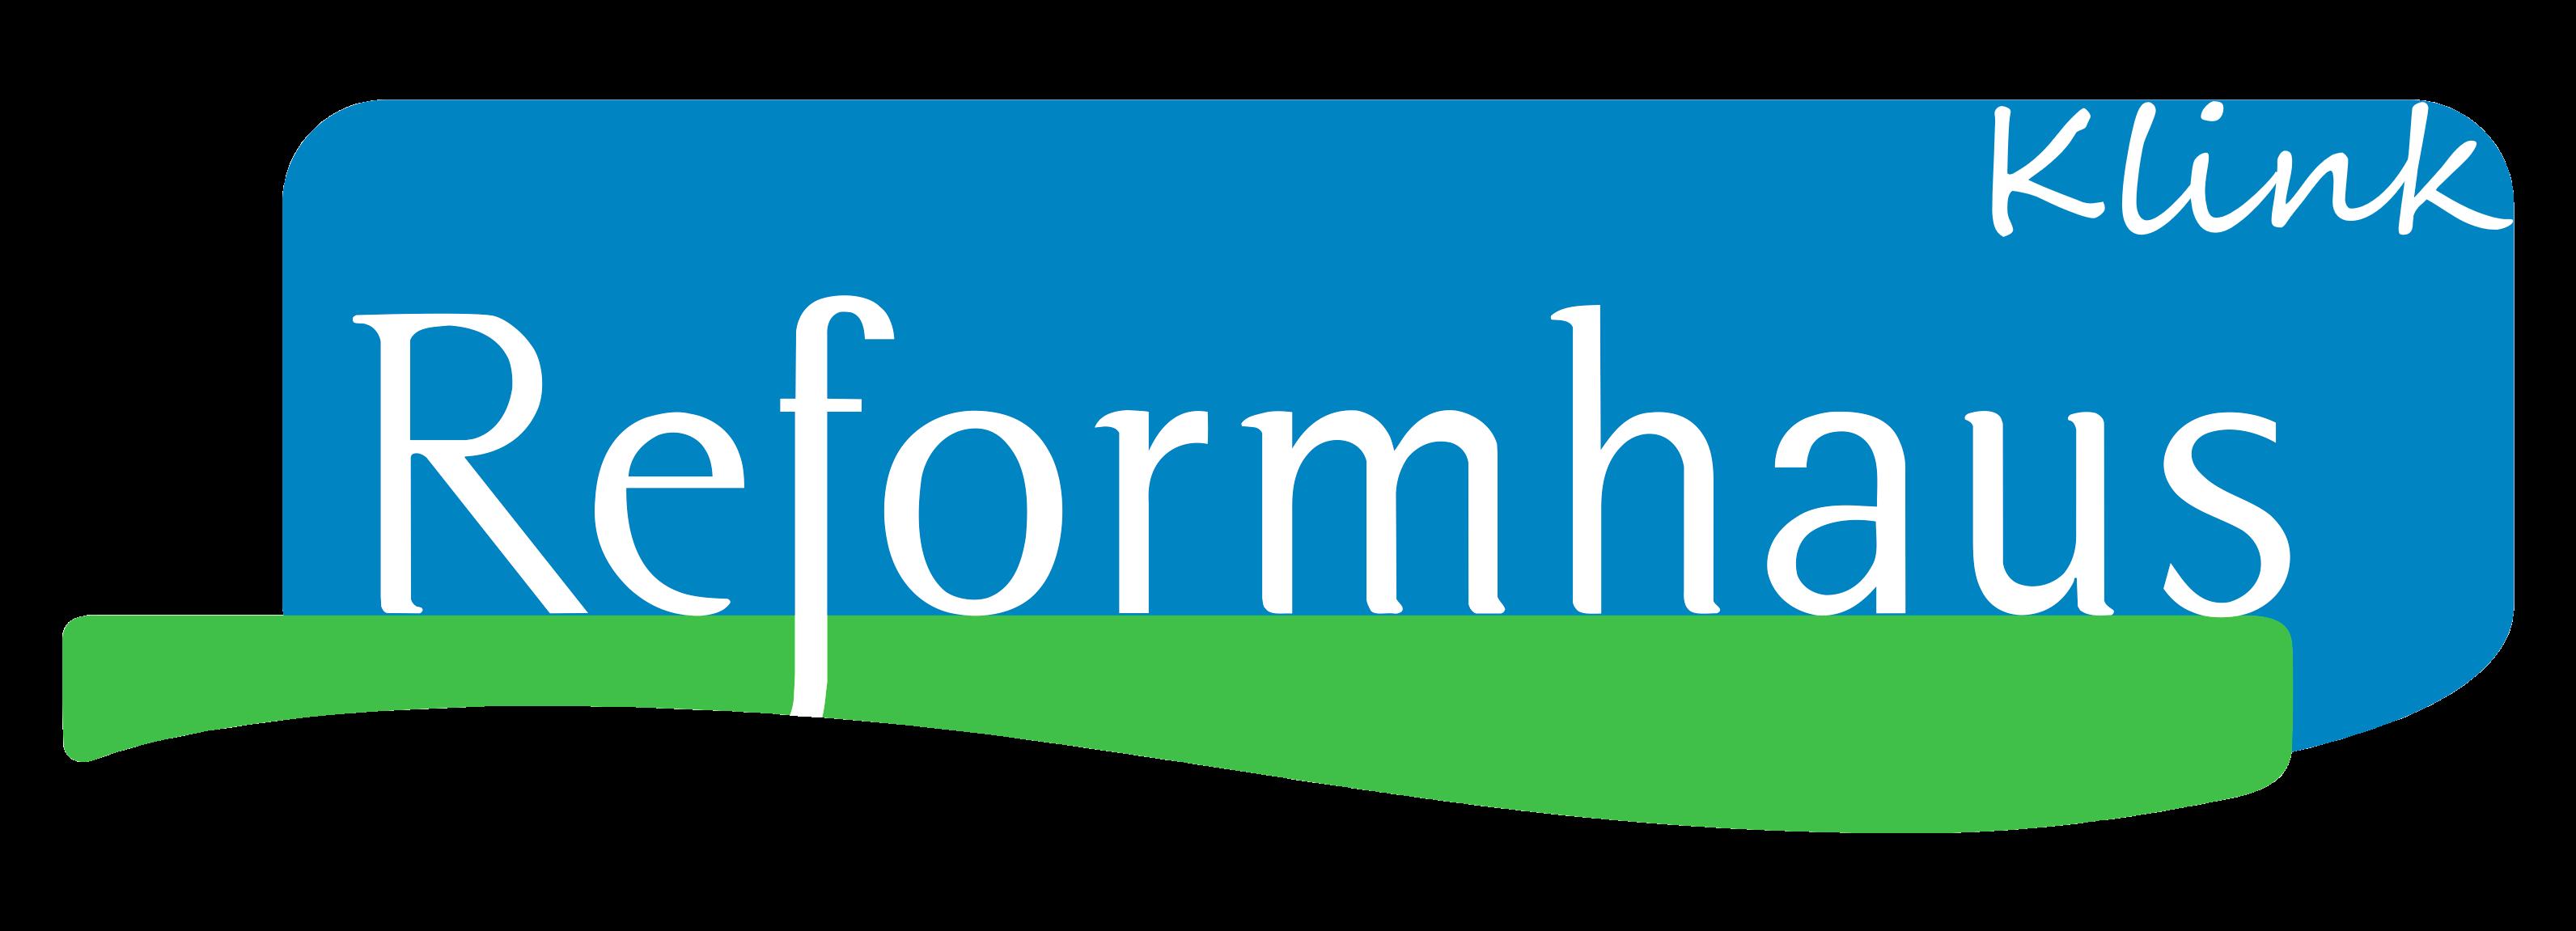 Reformhaus Klink